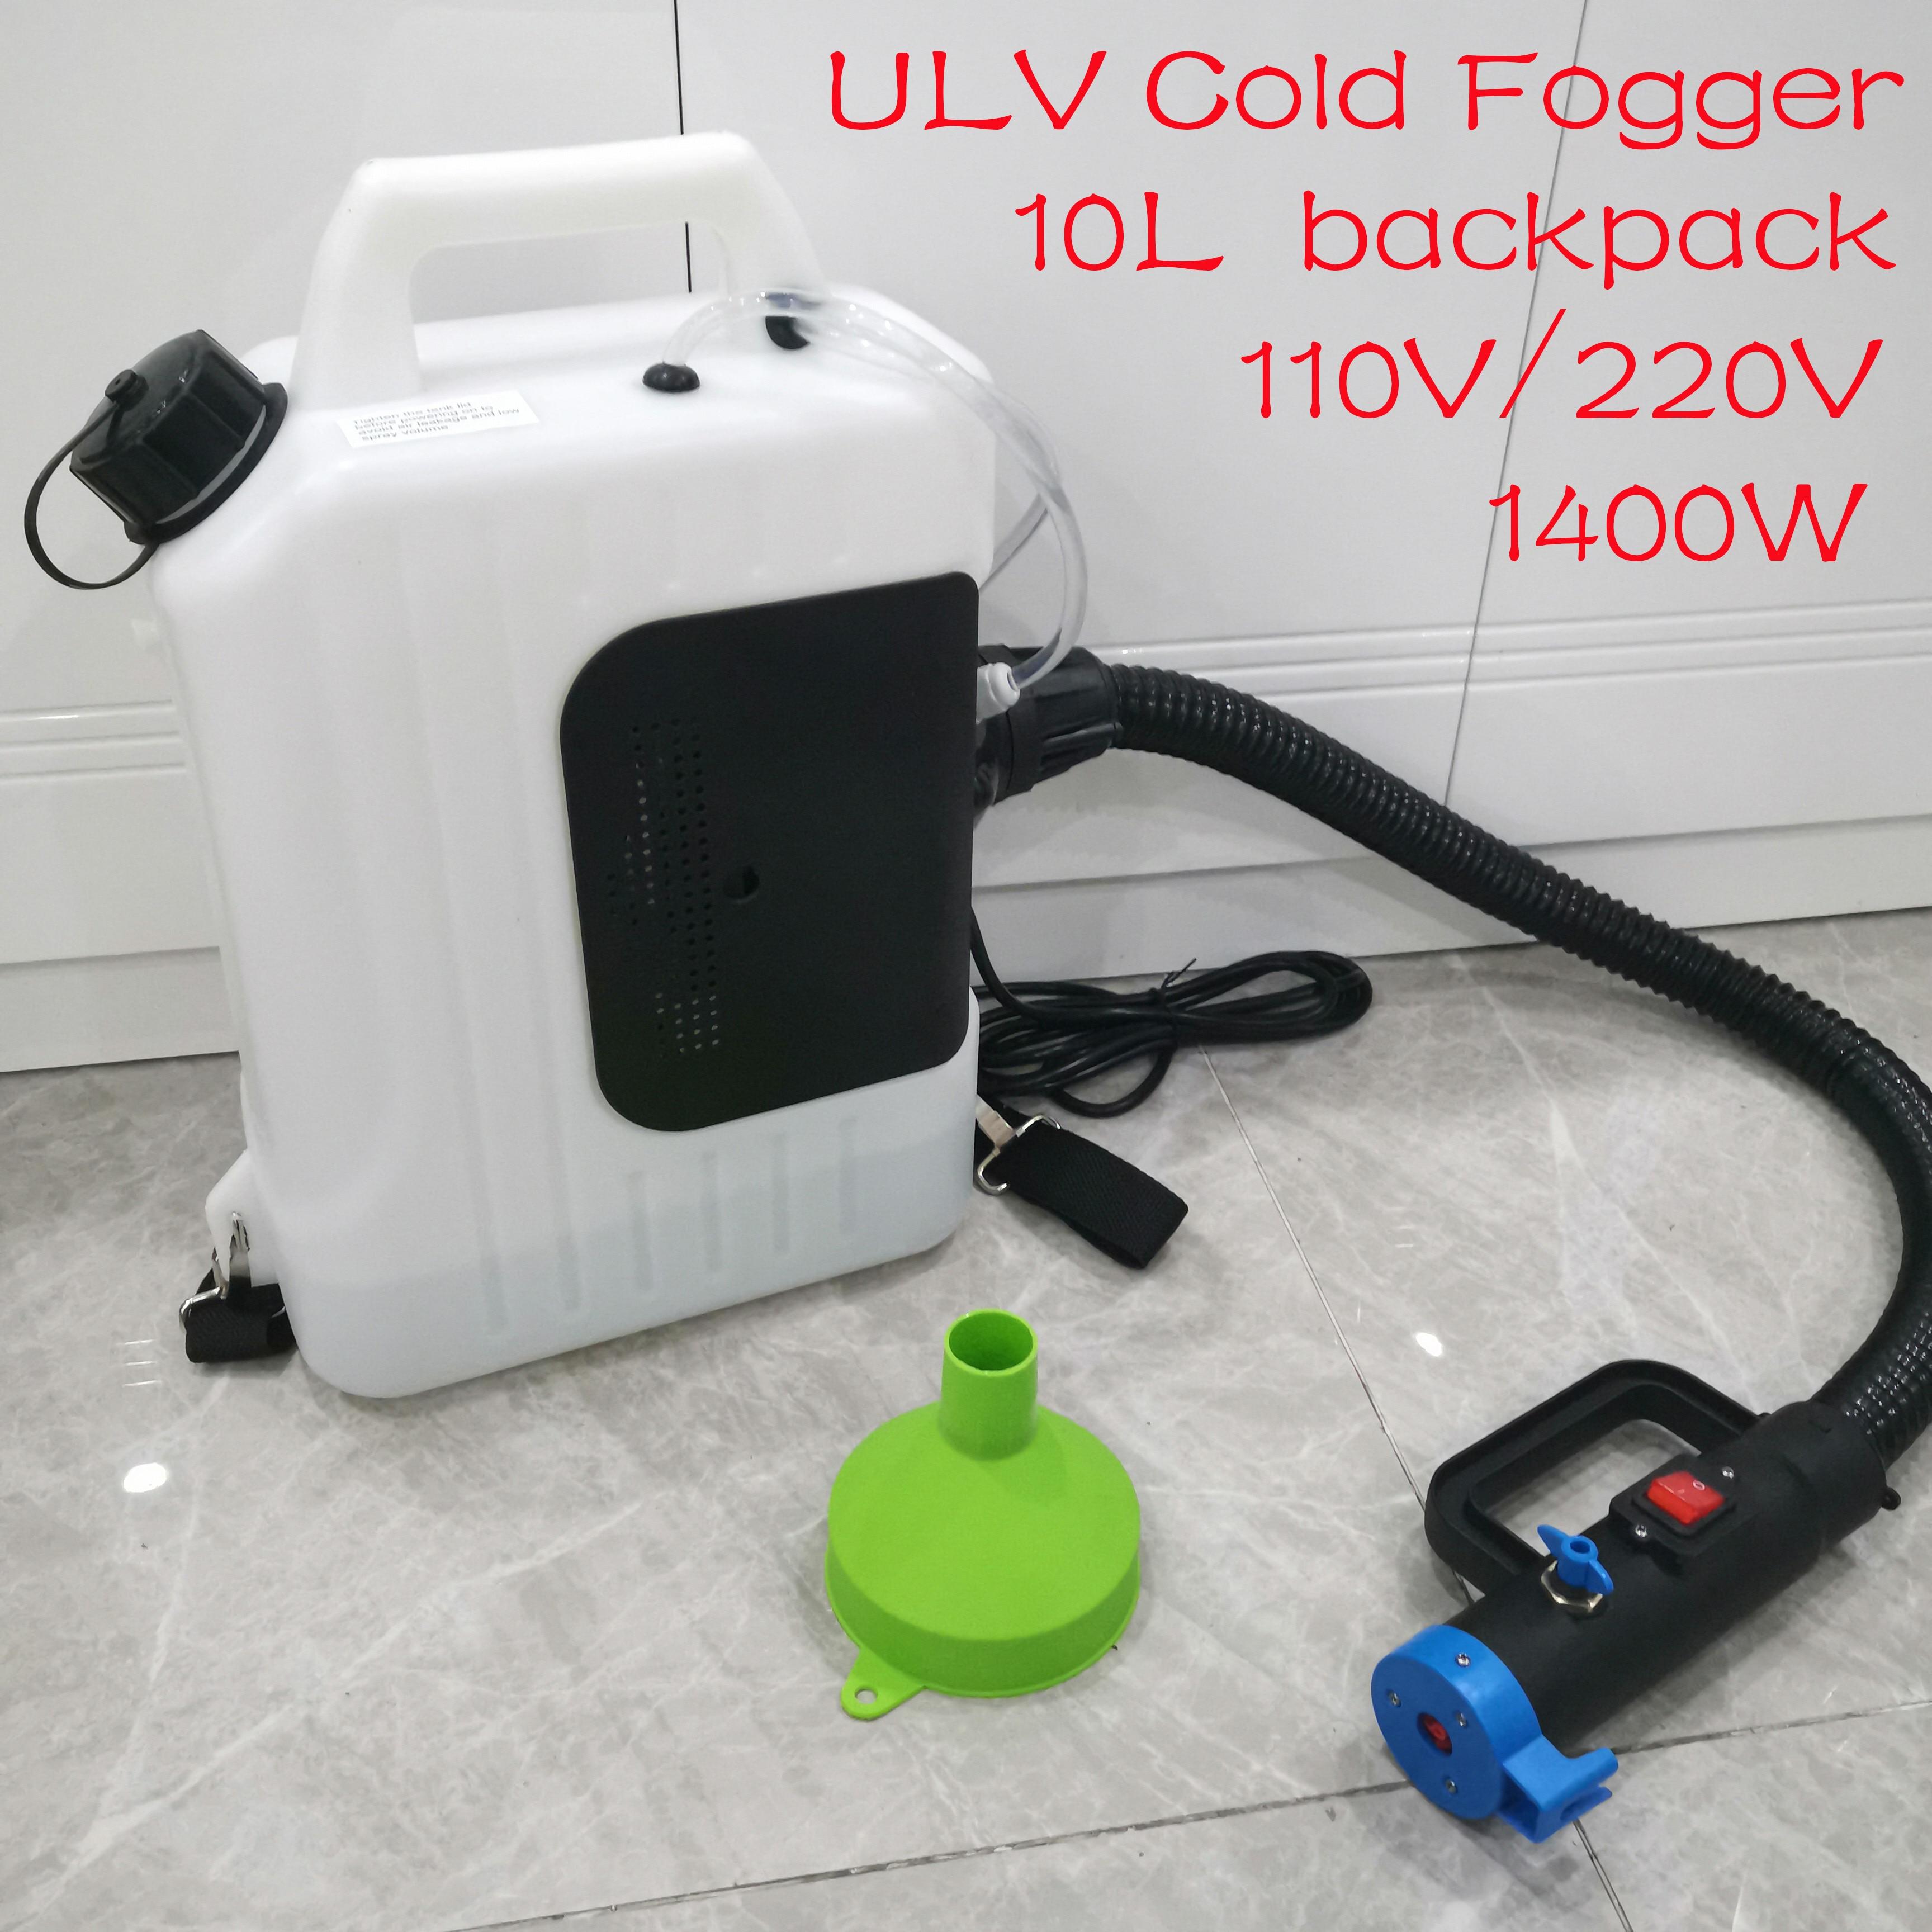 10L 1400W Electric Backpack ULV Sprayer Fogger Cold Fogging Machine Disinfection SANITIZING MISTER 110V / 220V